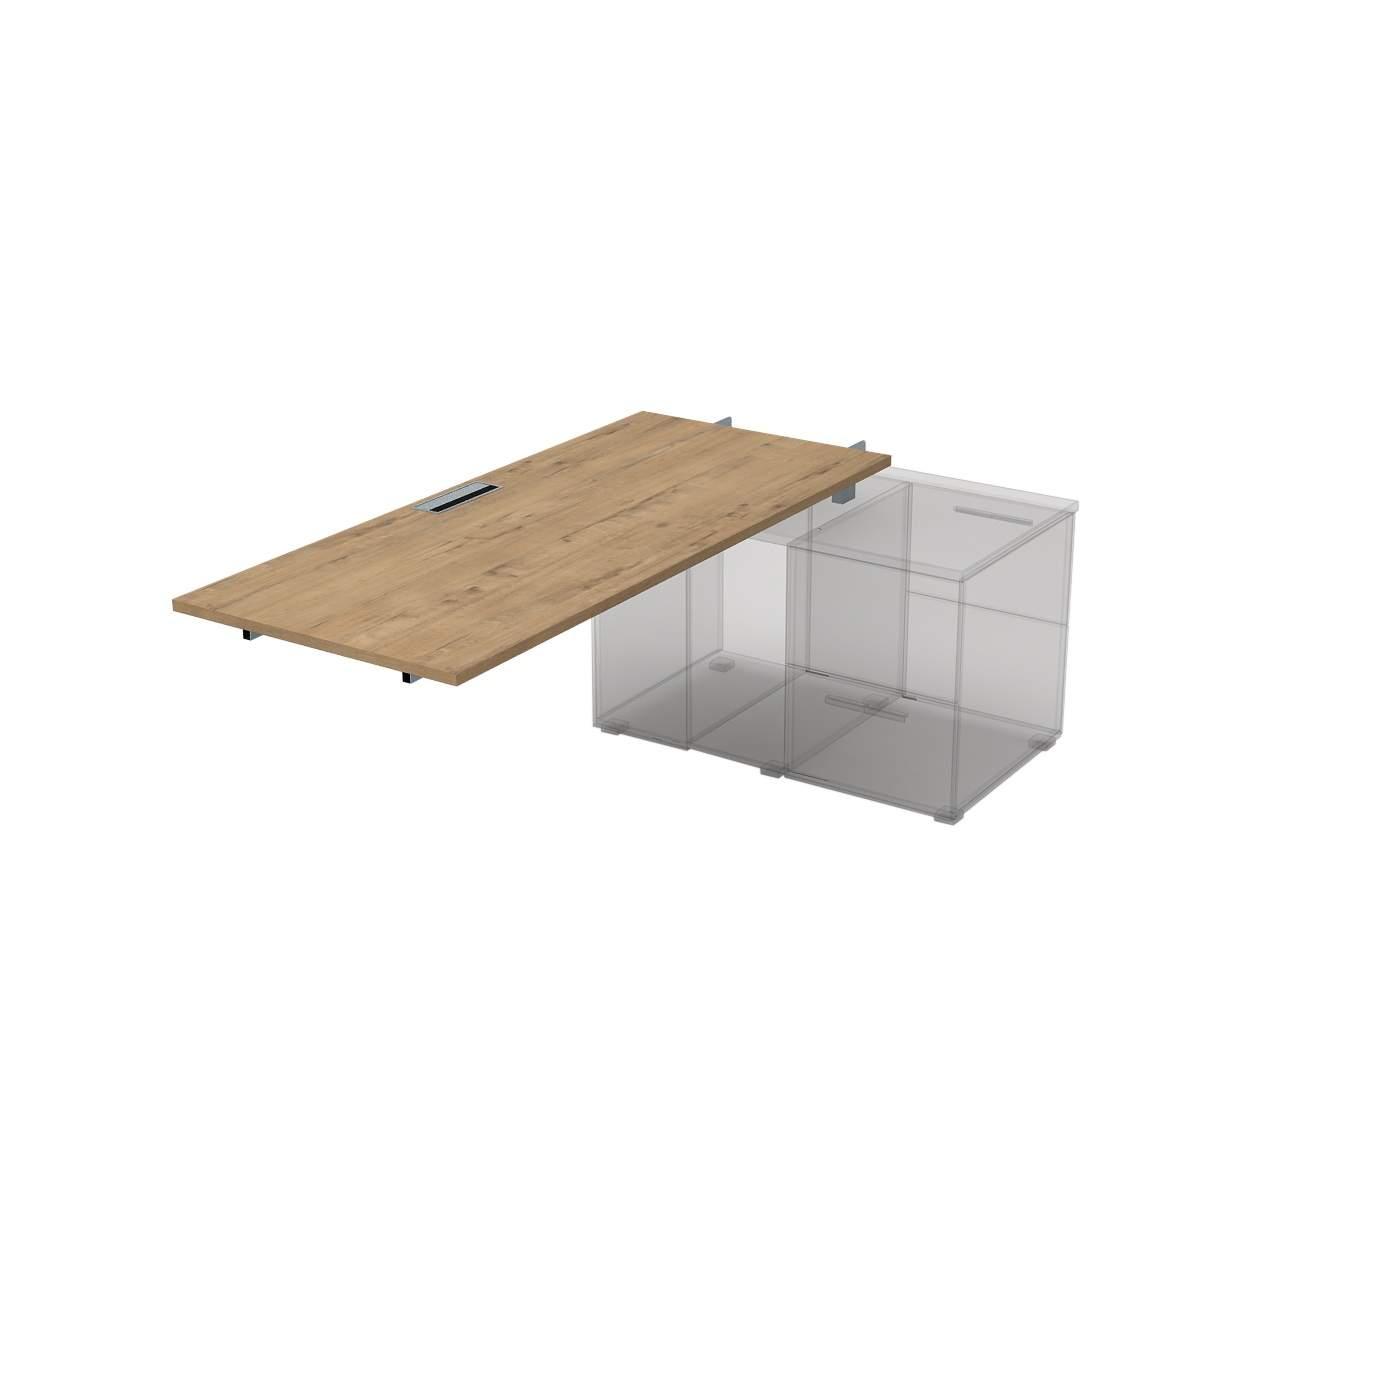 Стол для крепления на тумбу, средний модуль 1600х800х750